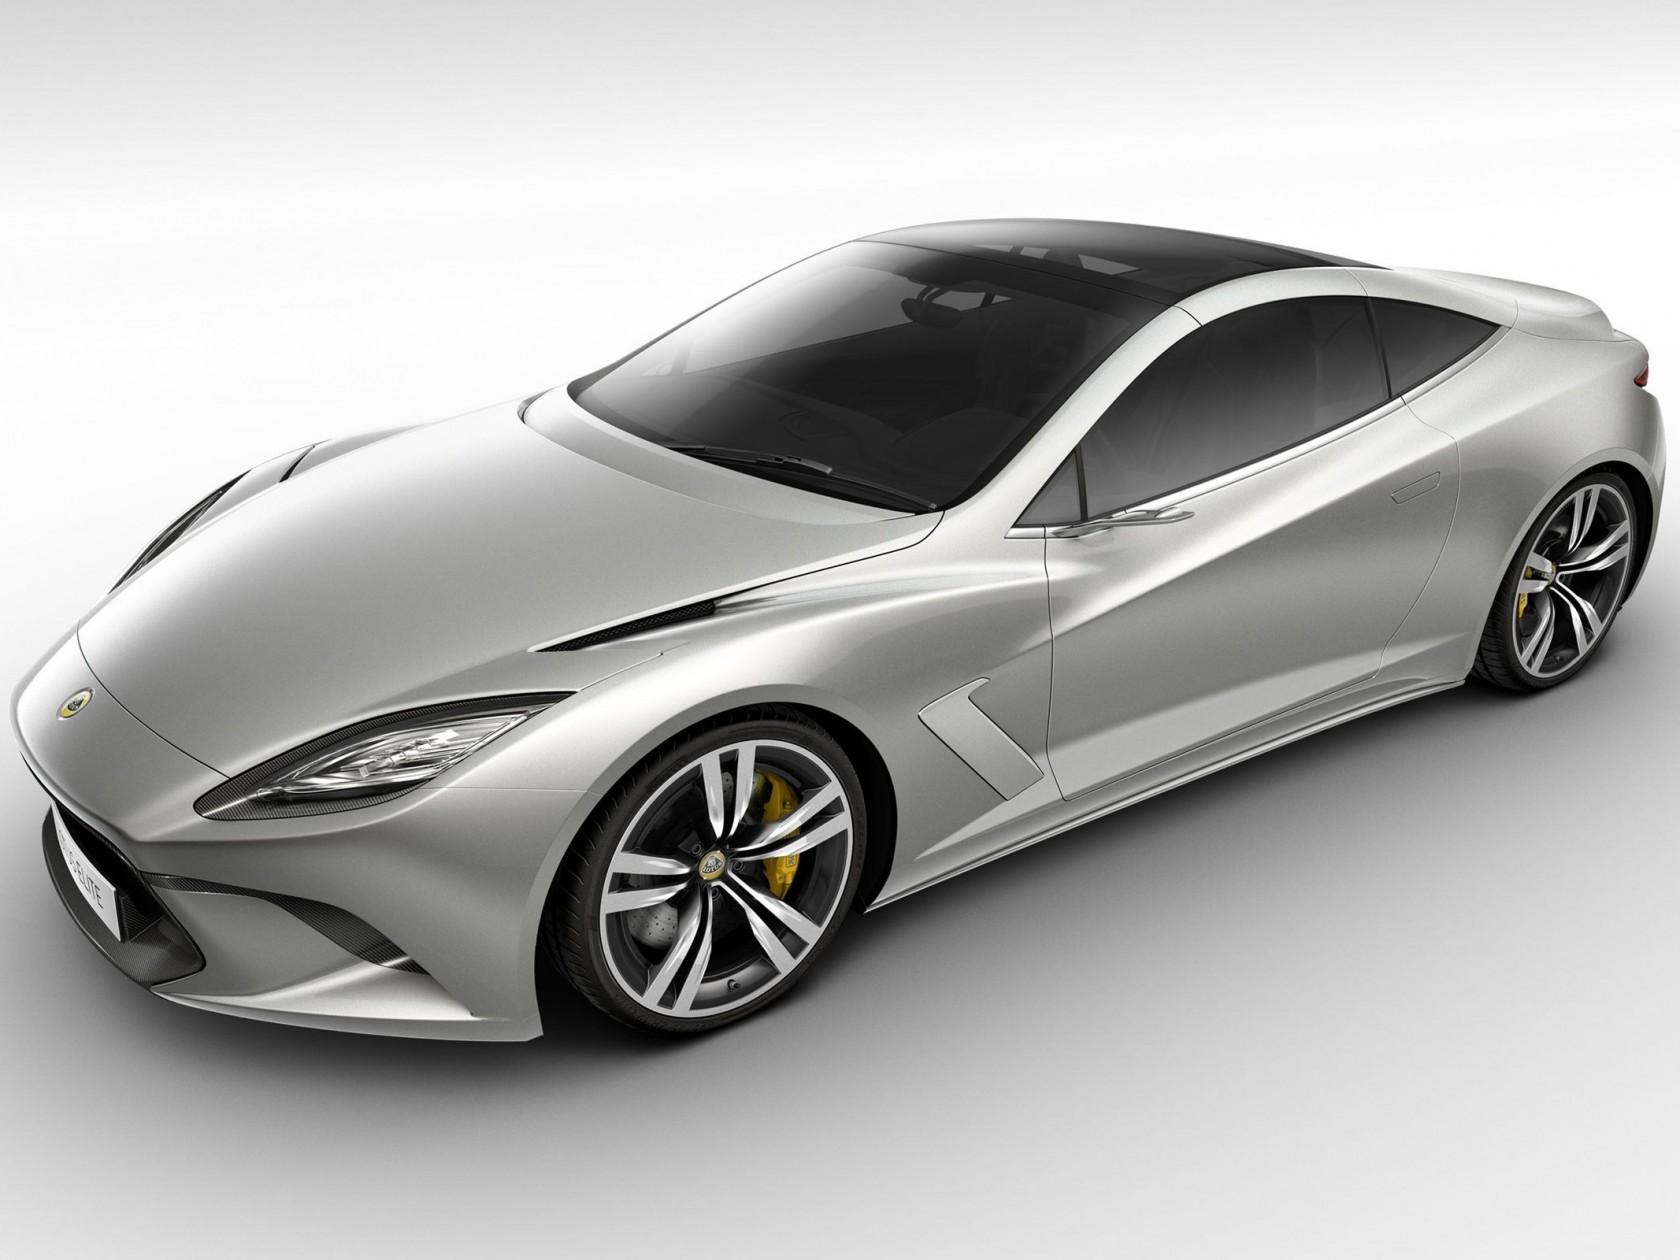 Lotus-Elite-HD-Car-wallpaper-wp5602124